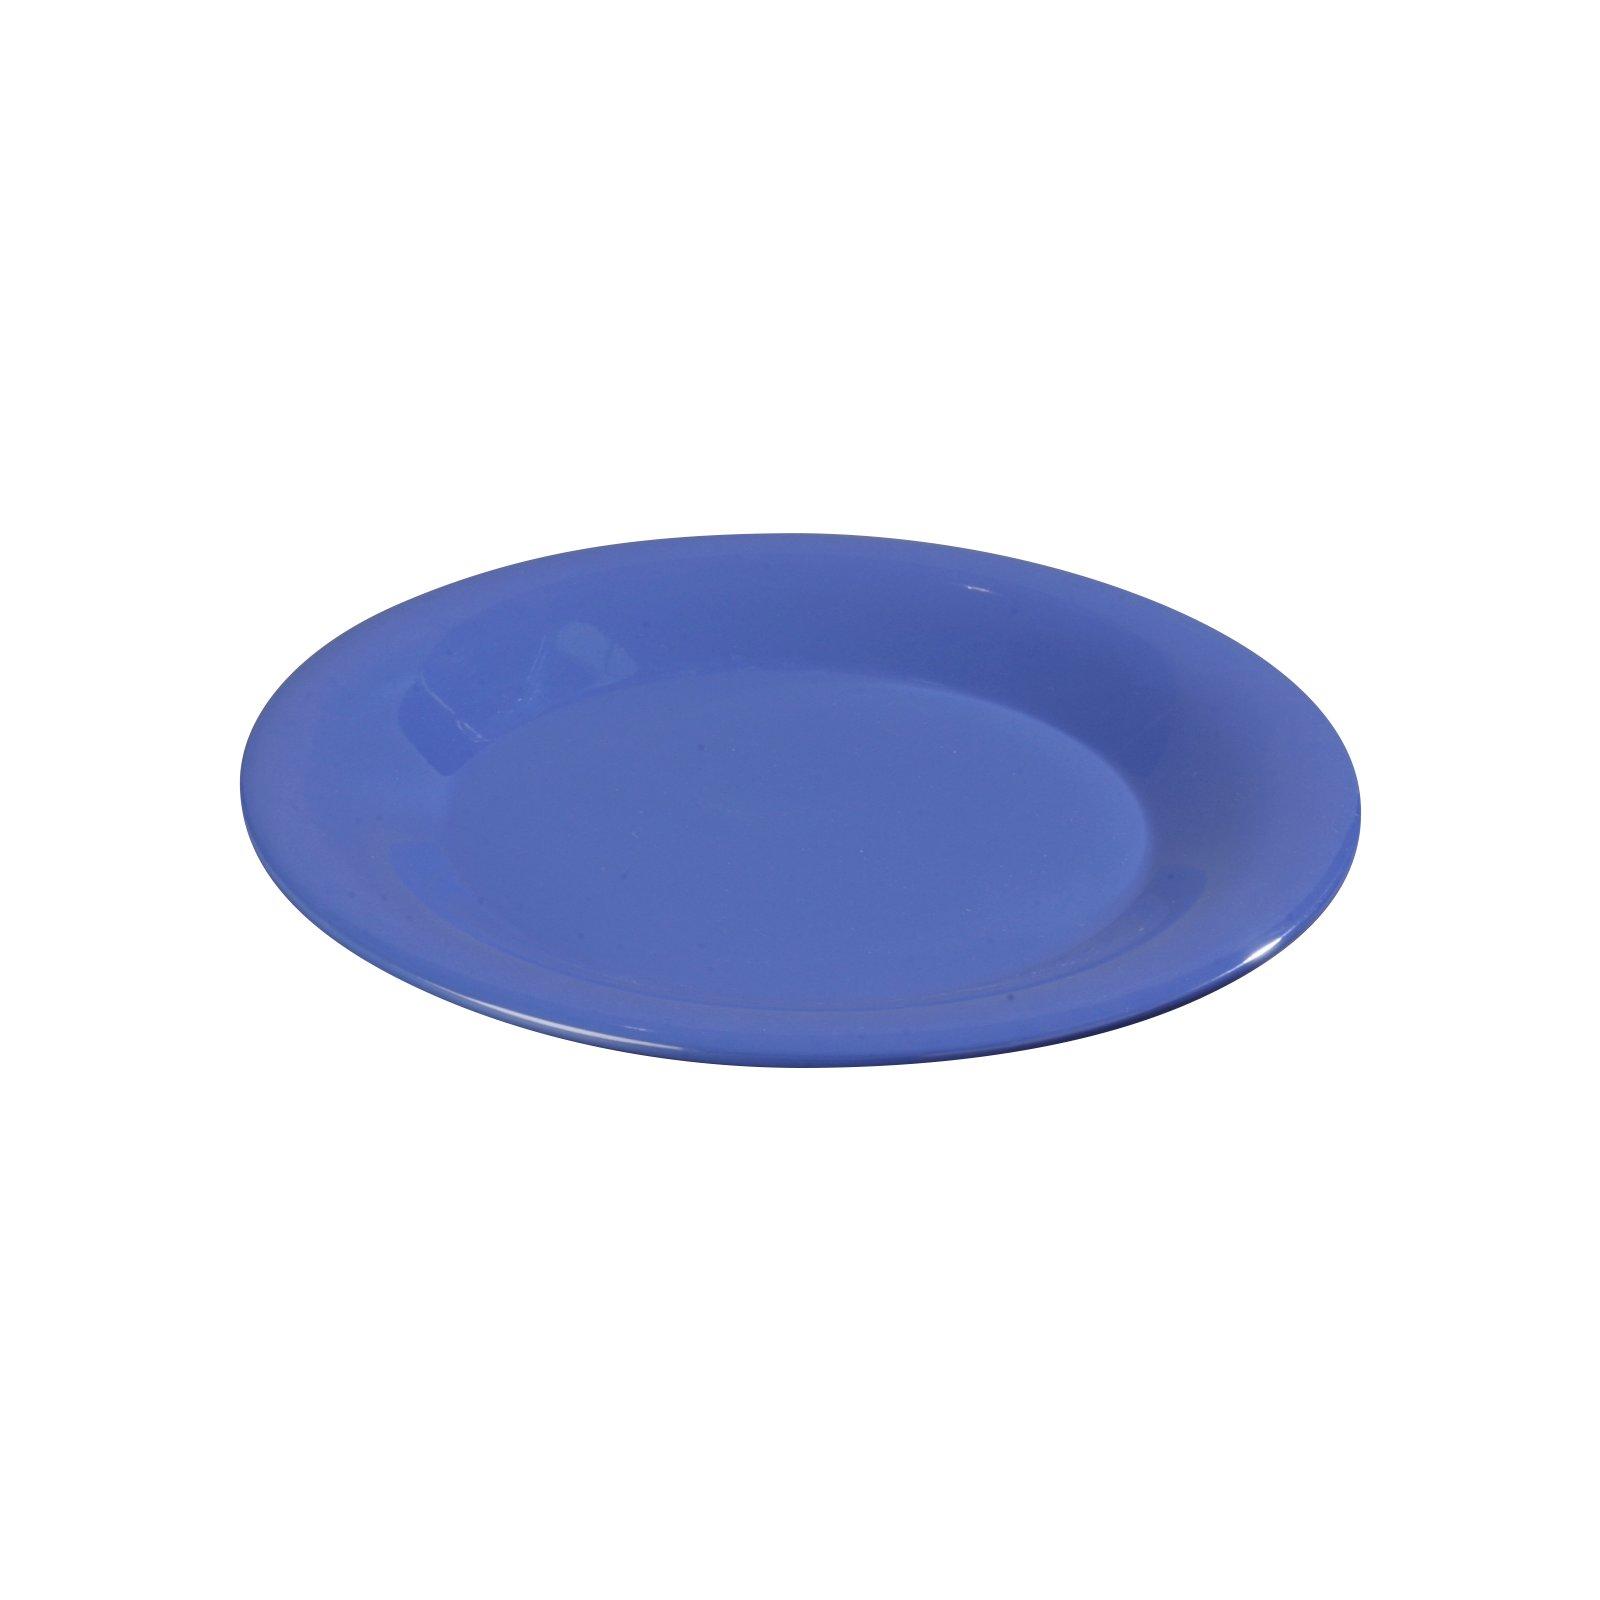 3301214 - Sierrus™ Melamine Wide Rim Dinner Plate 9\  - Ocean Blue  sc 1 st  Carlisle FoodService Products & 3301214 - Sierrus™ Melamine Wide Rim Dinner Plate 9\